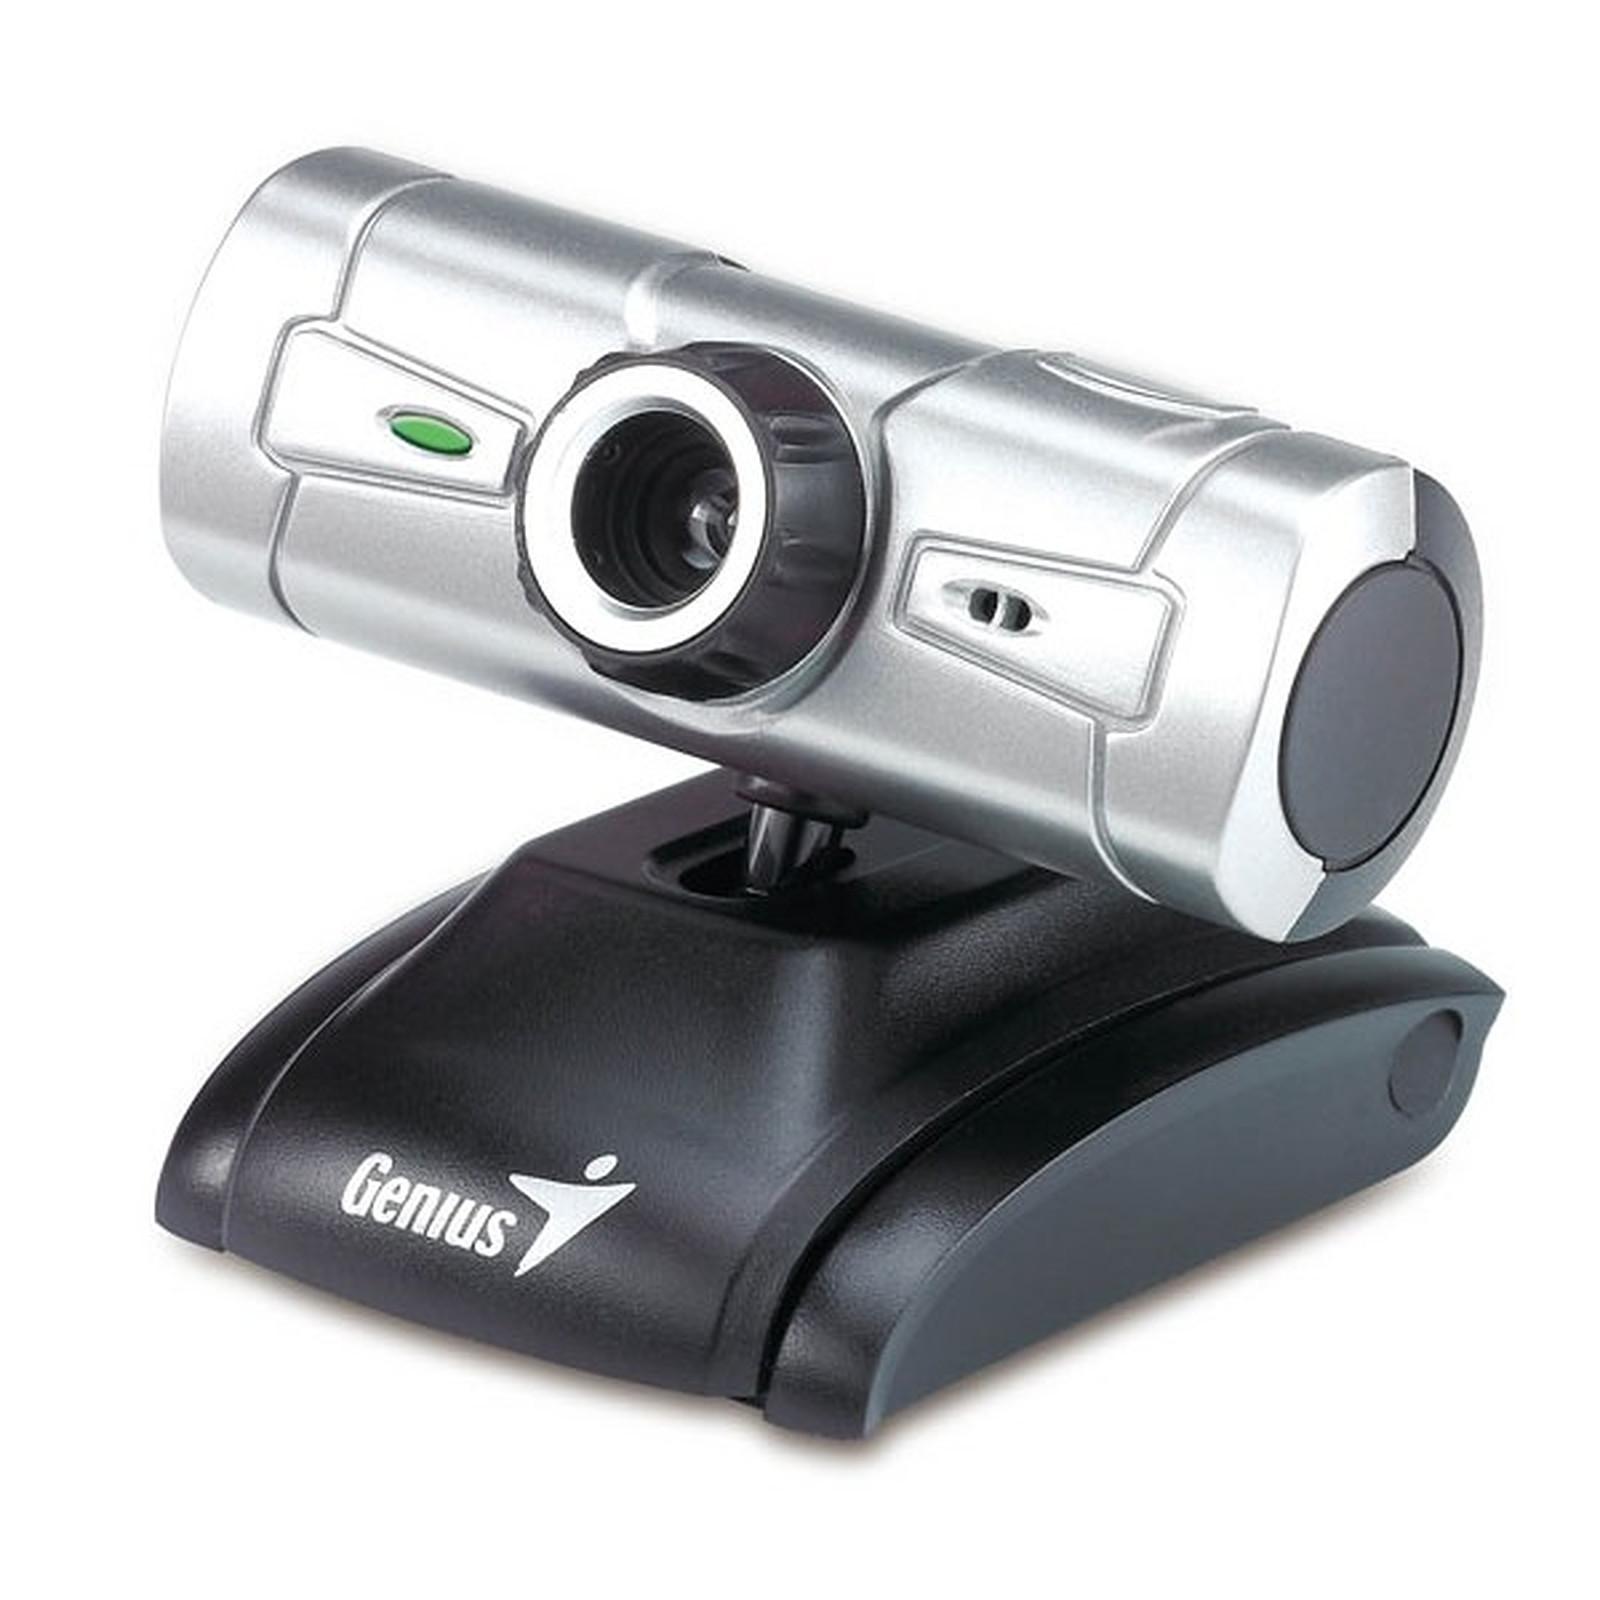 Genius WebCam Eye 312